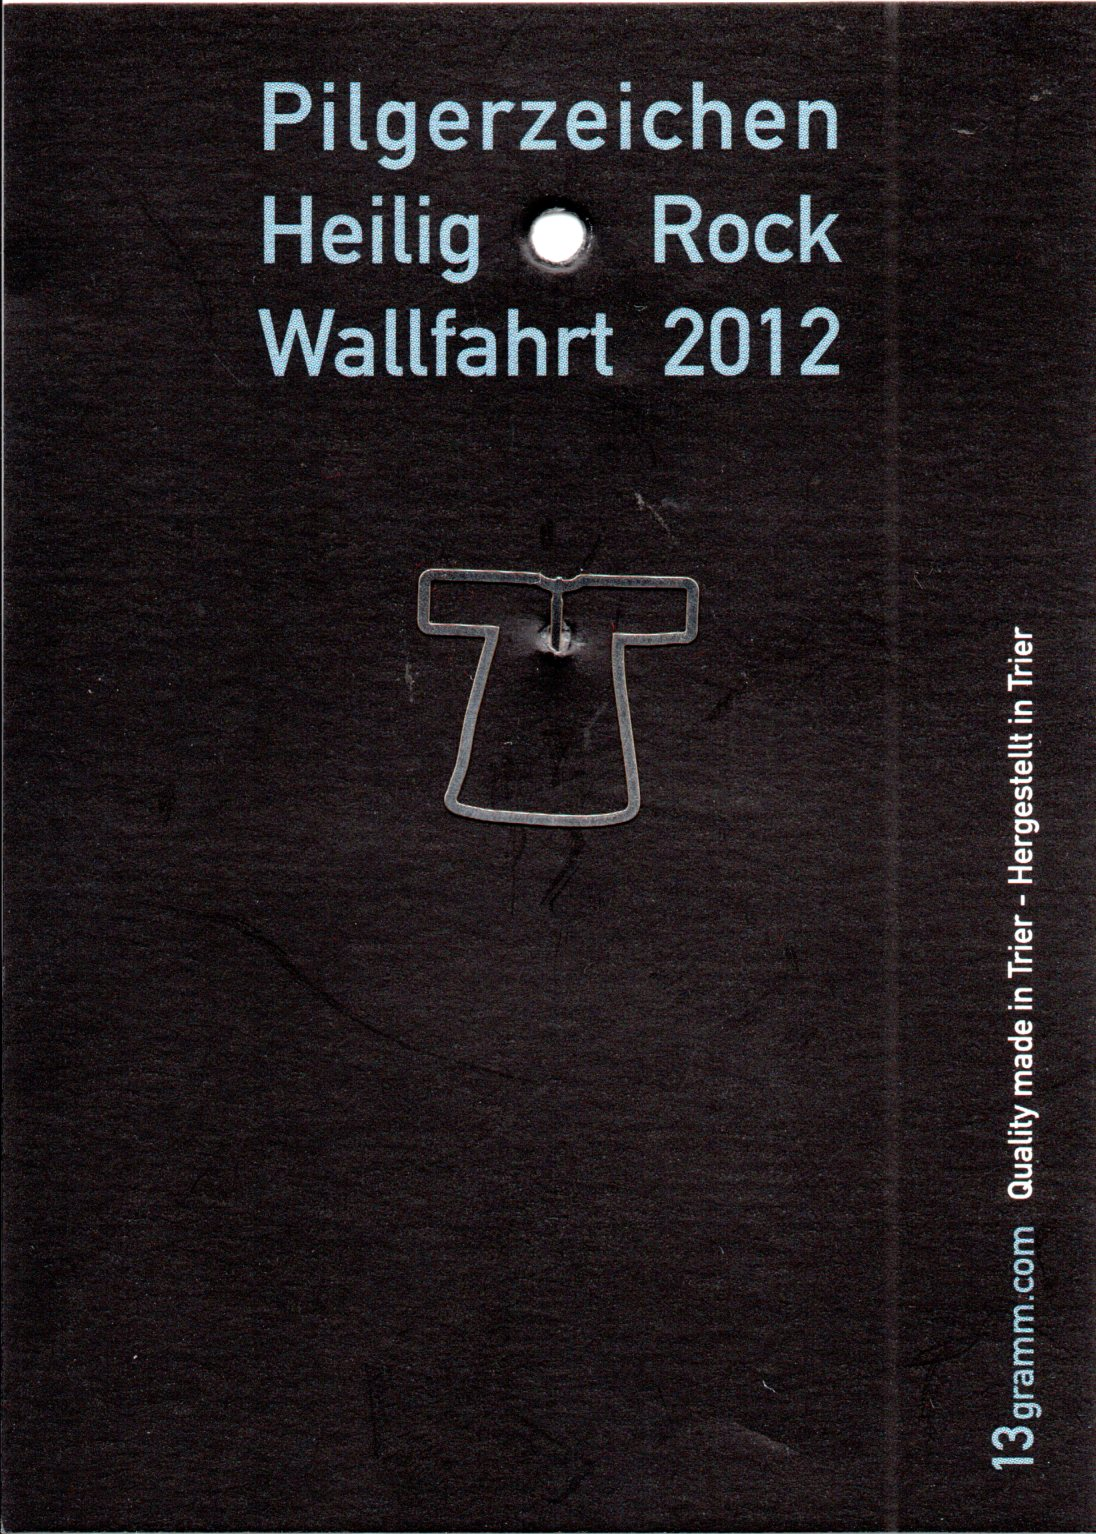 Wallfahrt Trier 2012